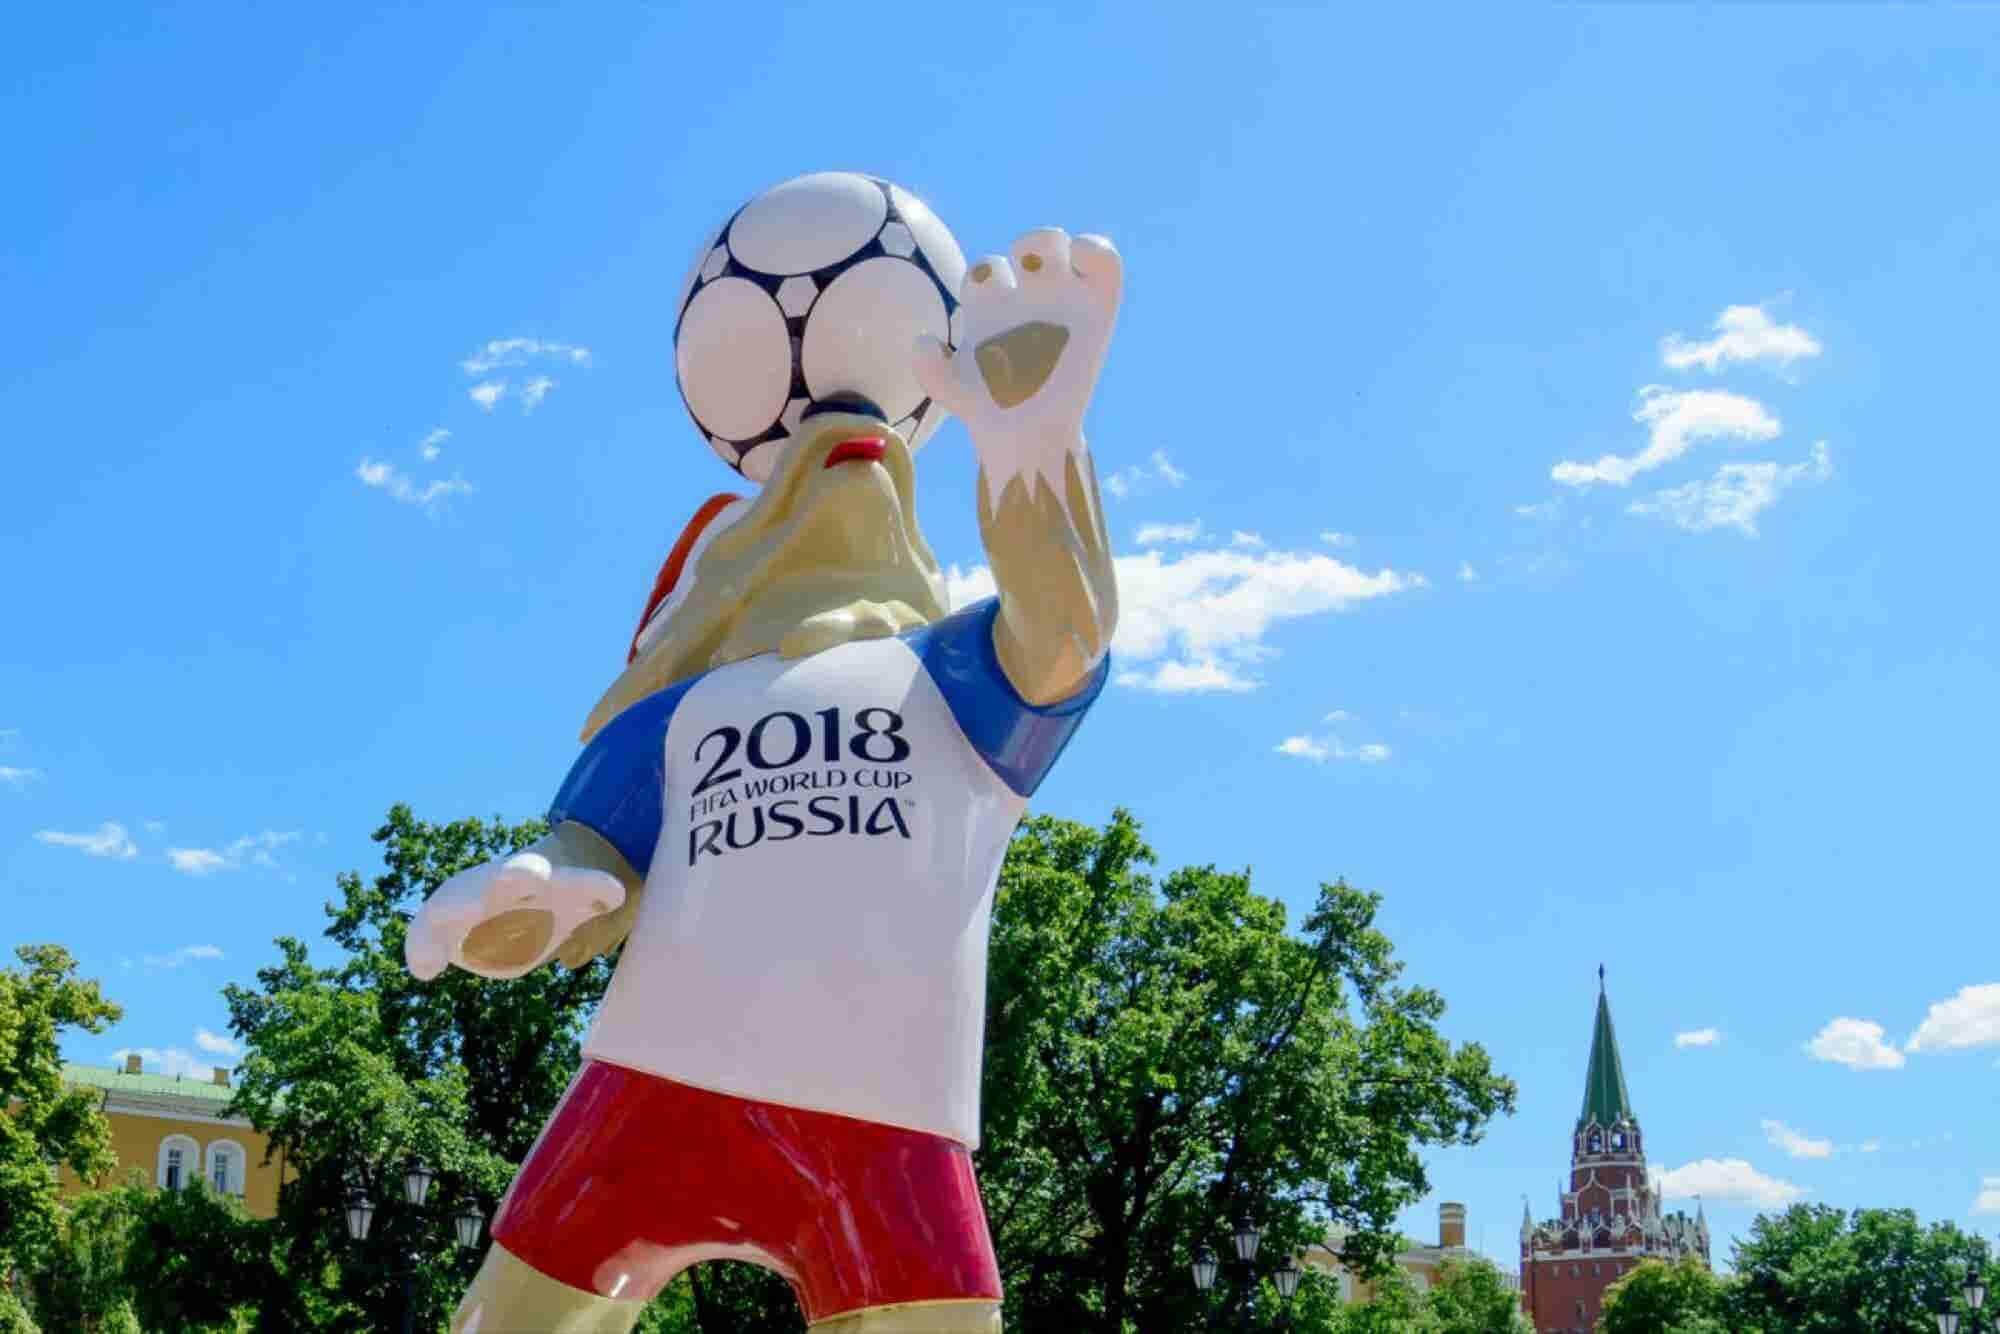 Estas son las campañas de marketing más espectaculares del Mundial de Rusia